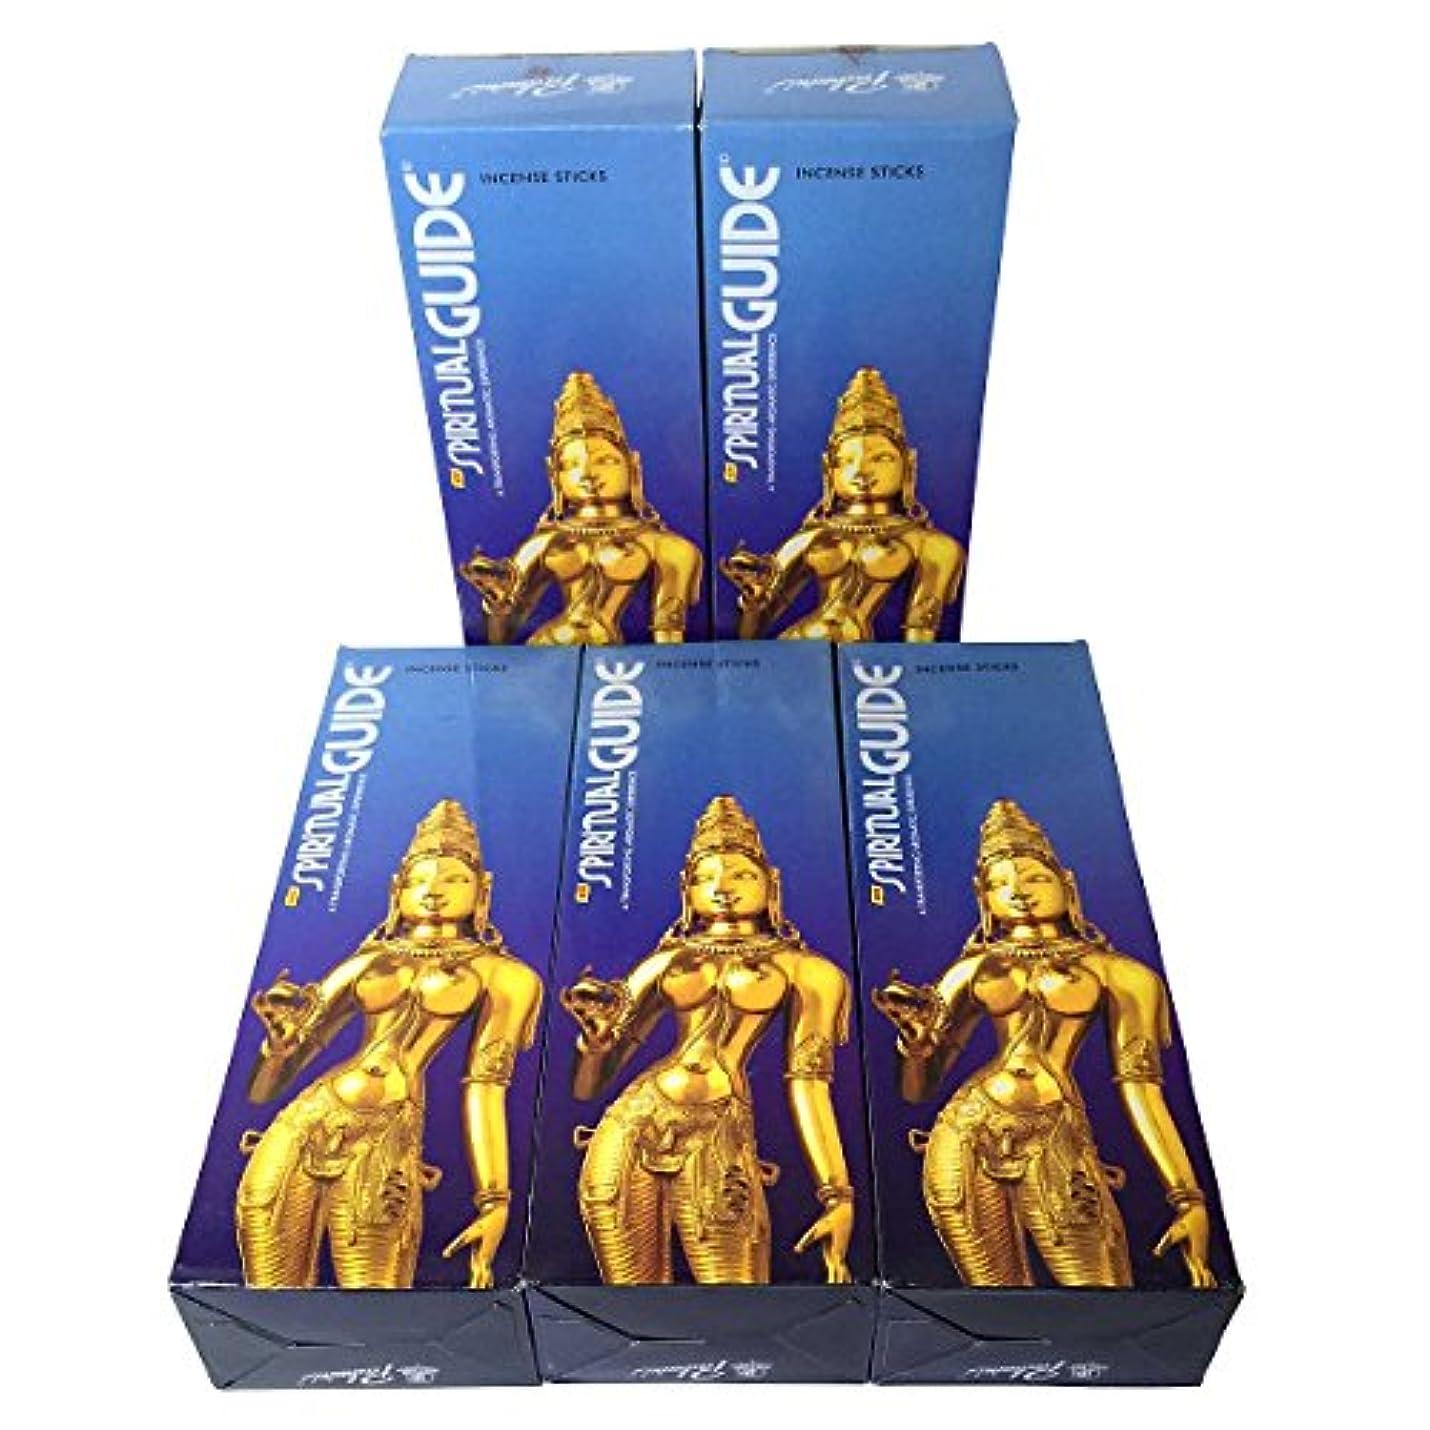 取り戻すフェードアウト治世スピリチュアルガイド香スティック 5BOX(30箱)/PADMINI SPIRITUALGUIDE インド香 / 送料無料 [並行輸入品]